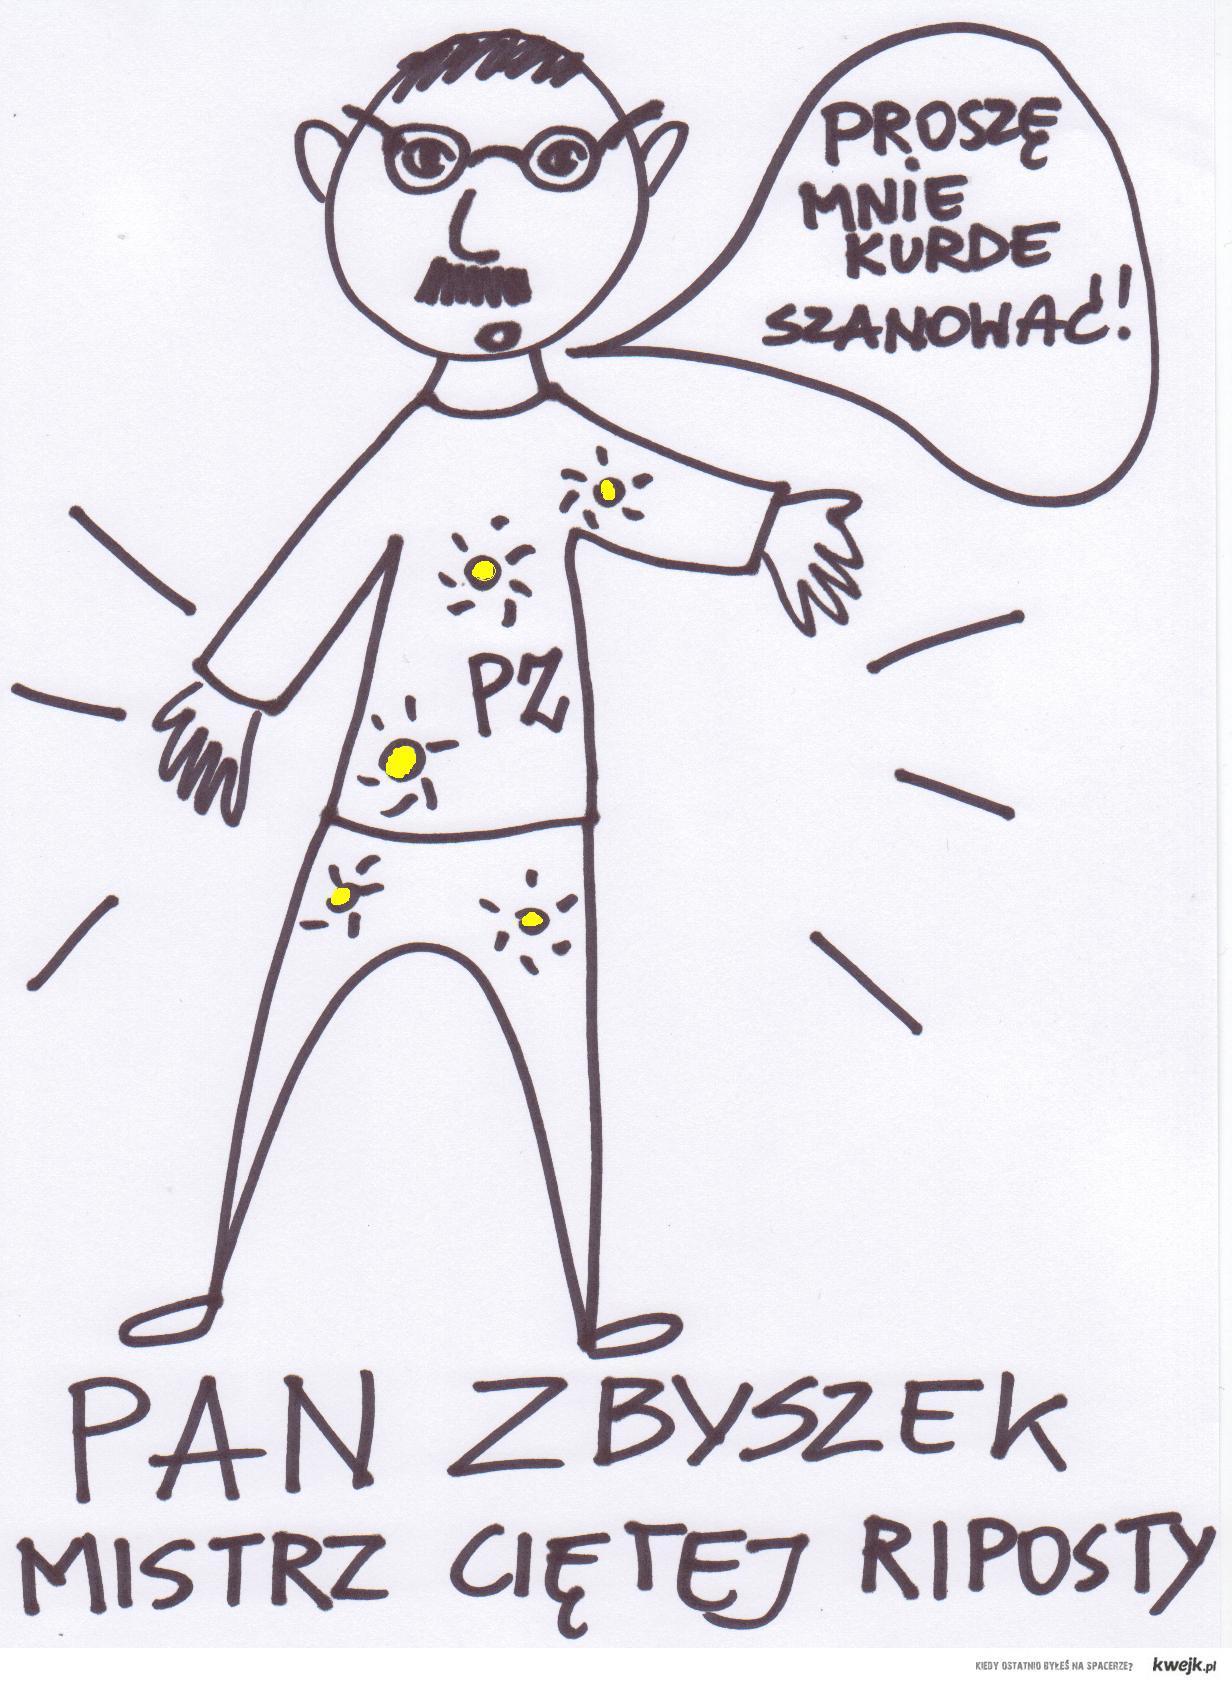 Pan_Zbyszek